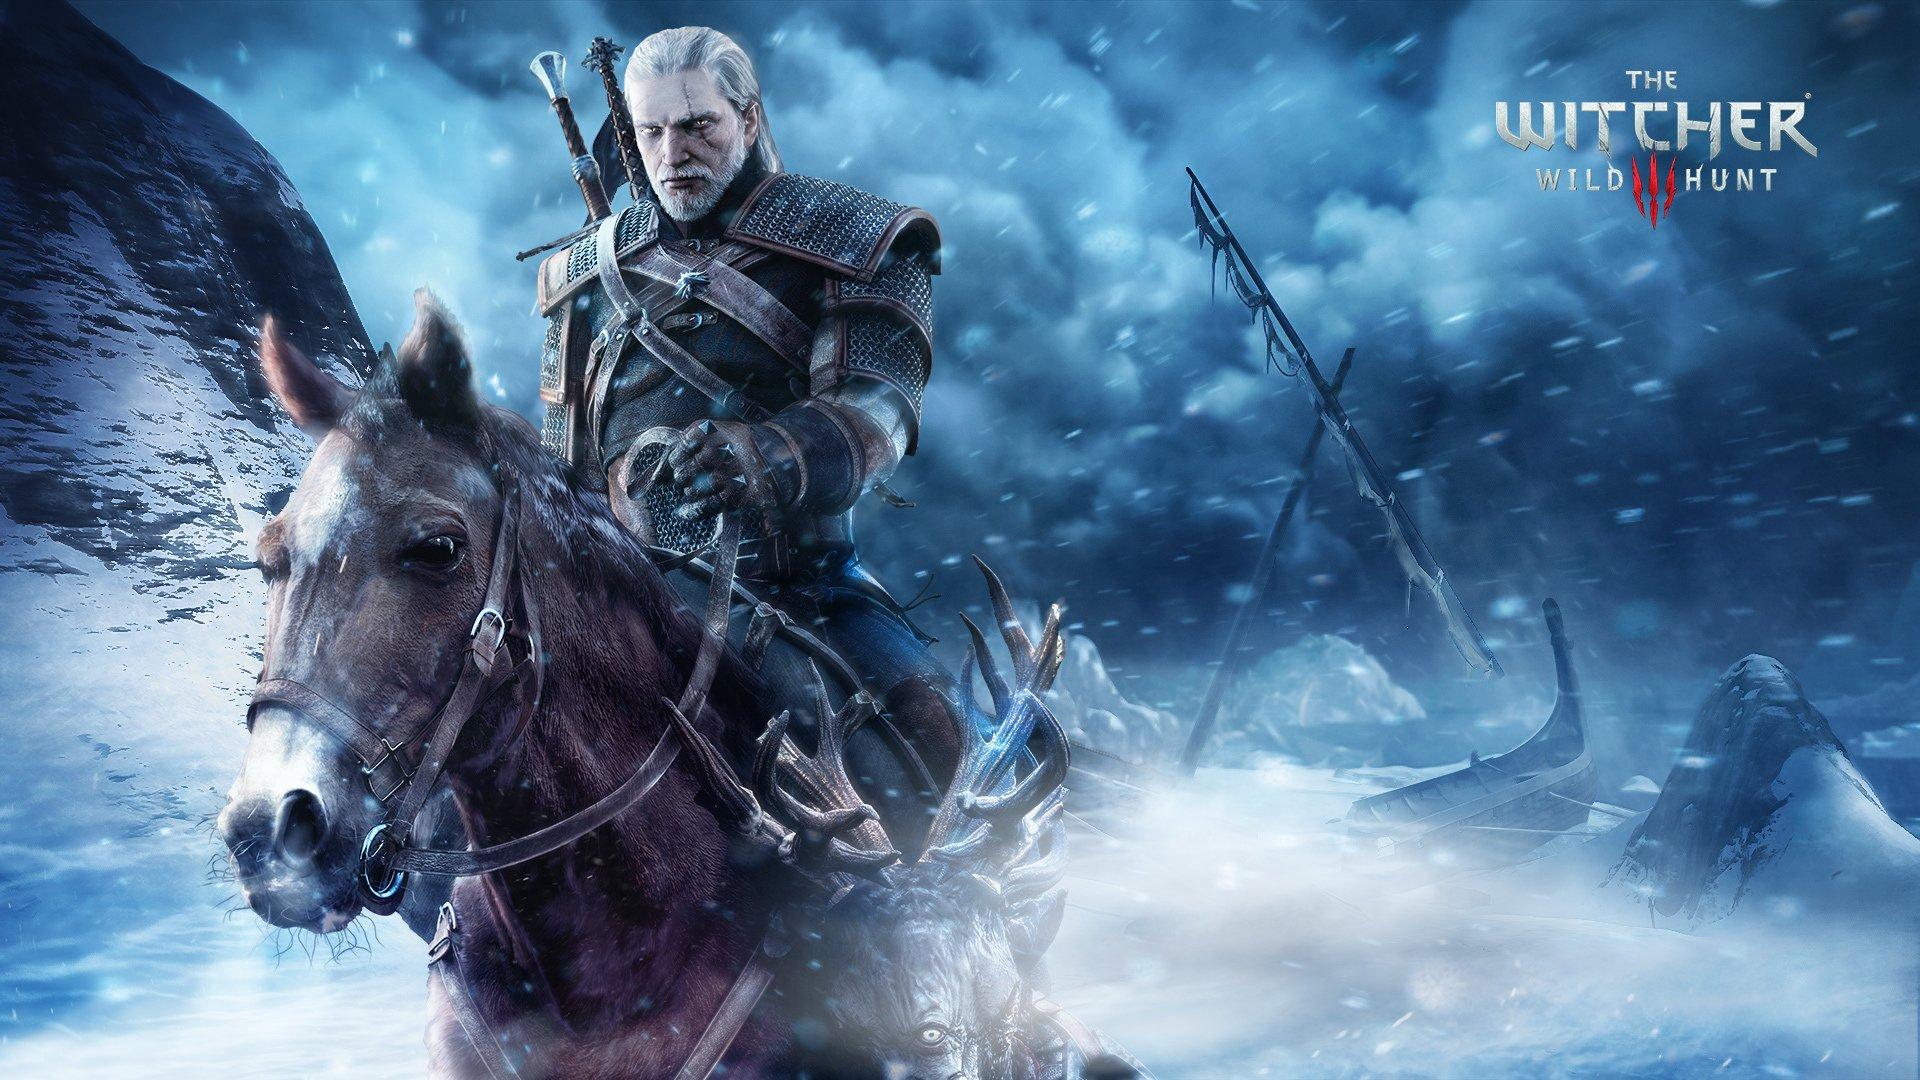 The Witcher 3: Wild Hunt. Оценки!  GameSpot — 10/10  Одна из лучших игр в истории  GameGuru - 10/10 Gameswelt - 10/ ... - Изображение 4